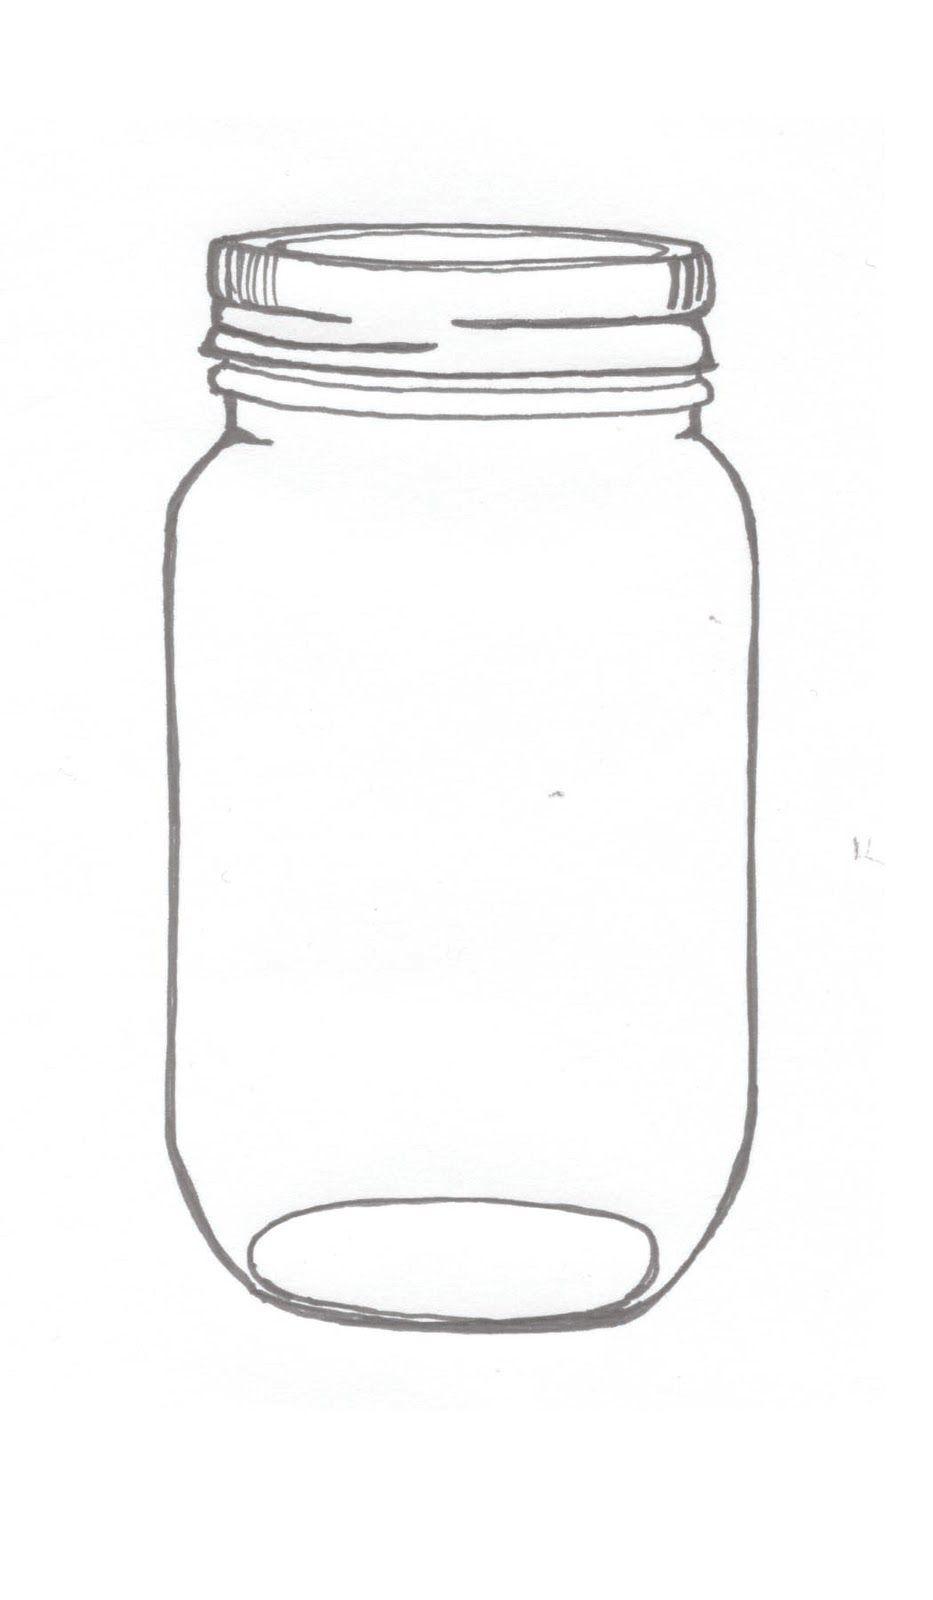 Tuesday Jar Mason Jar Clip Art Mason Jar Printables Mason Jars